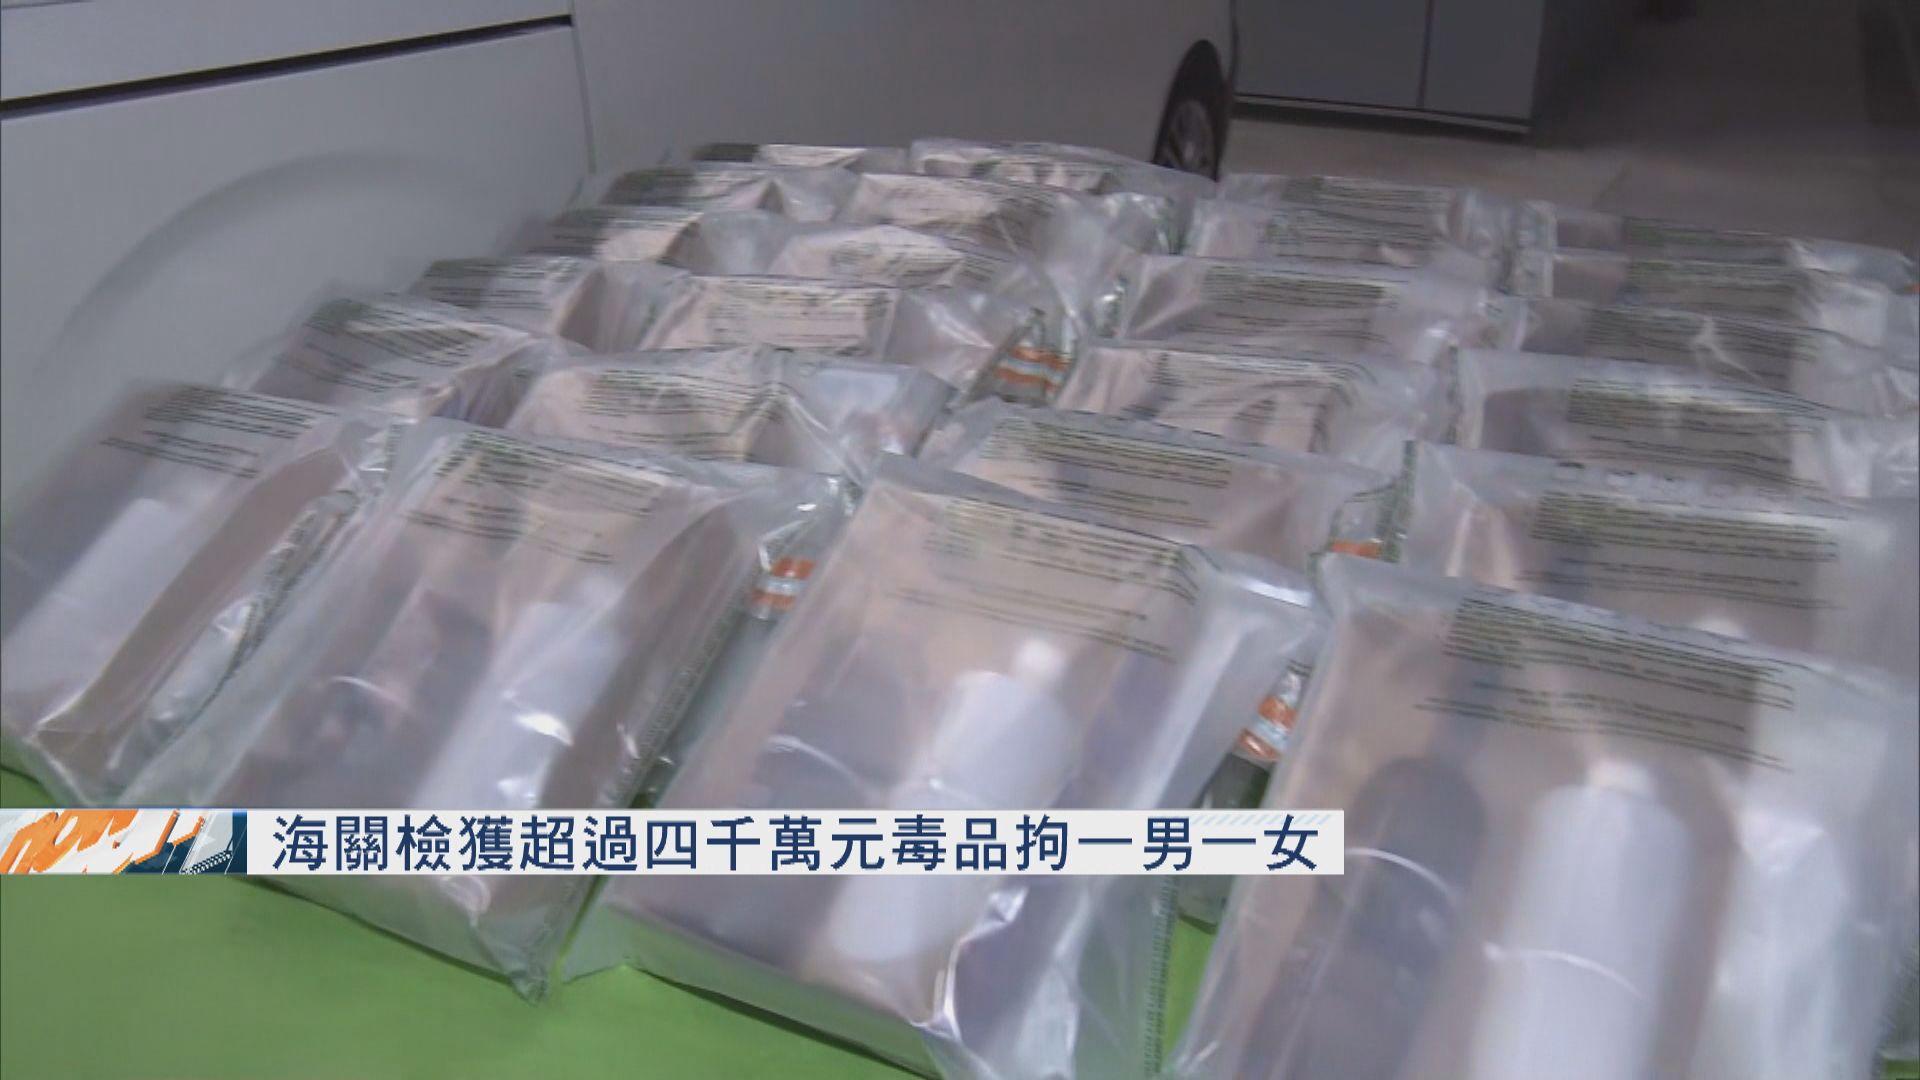 海關檢獲超過四千萬元毒品 拘一男一女